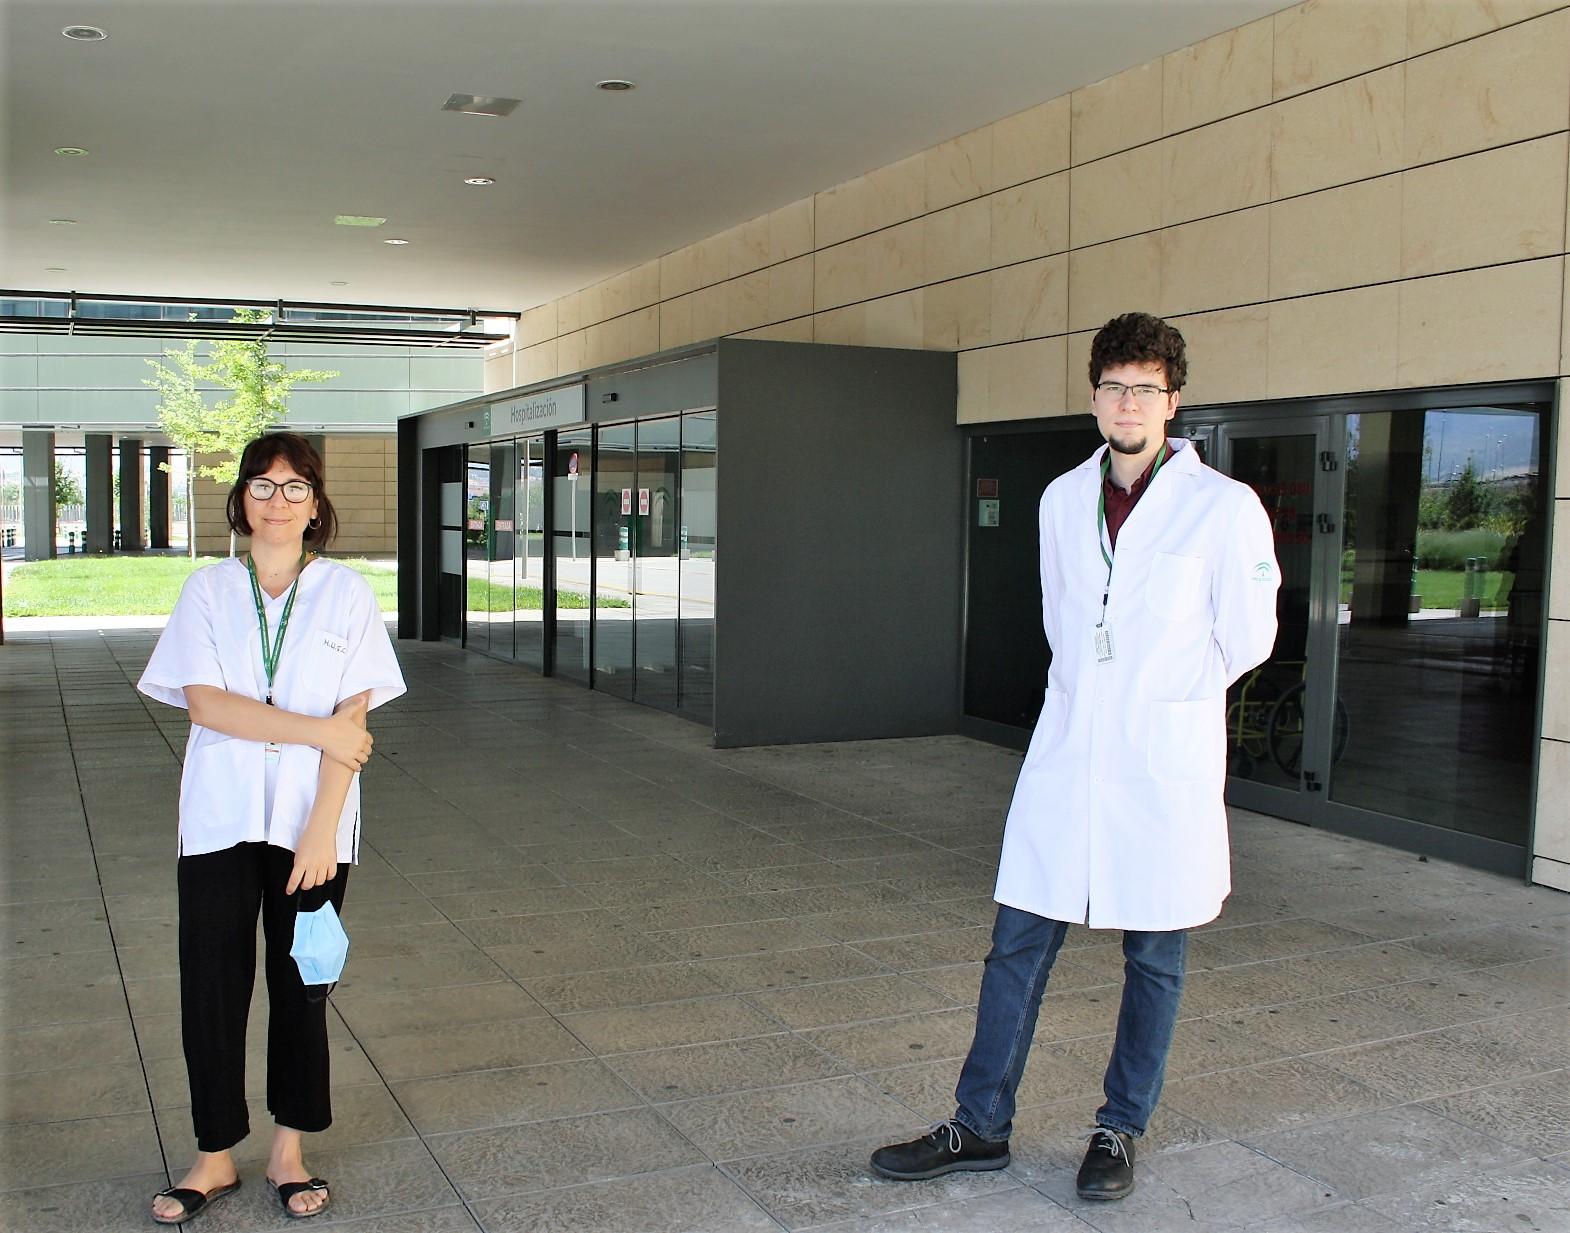 El Clínico participa en un estudio que mide el impacto del coronavirus en la salud mental de los profesionales